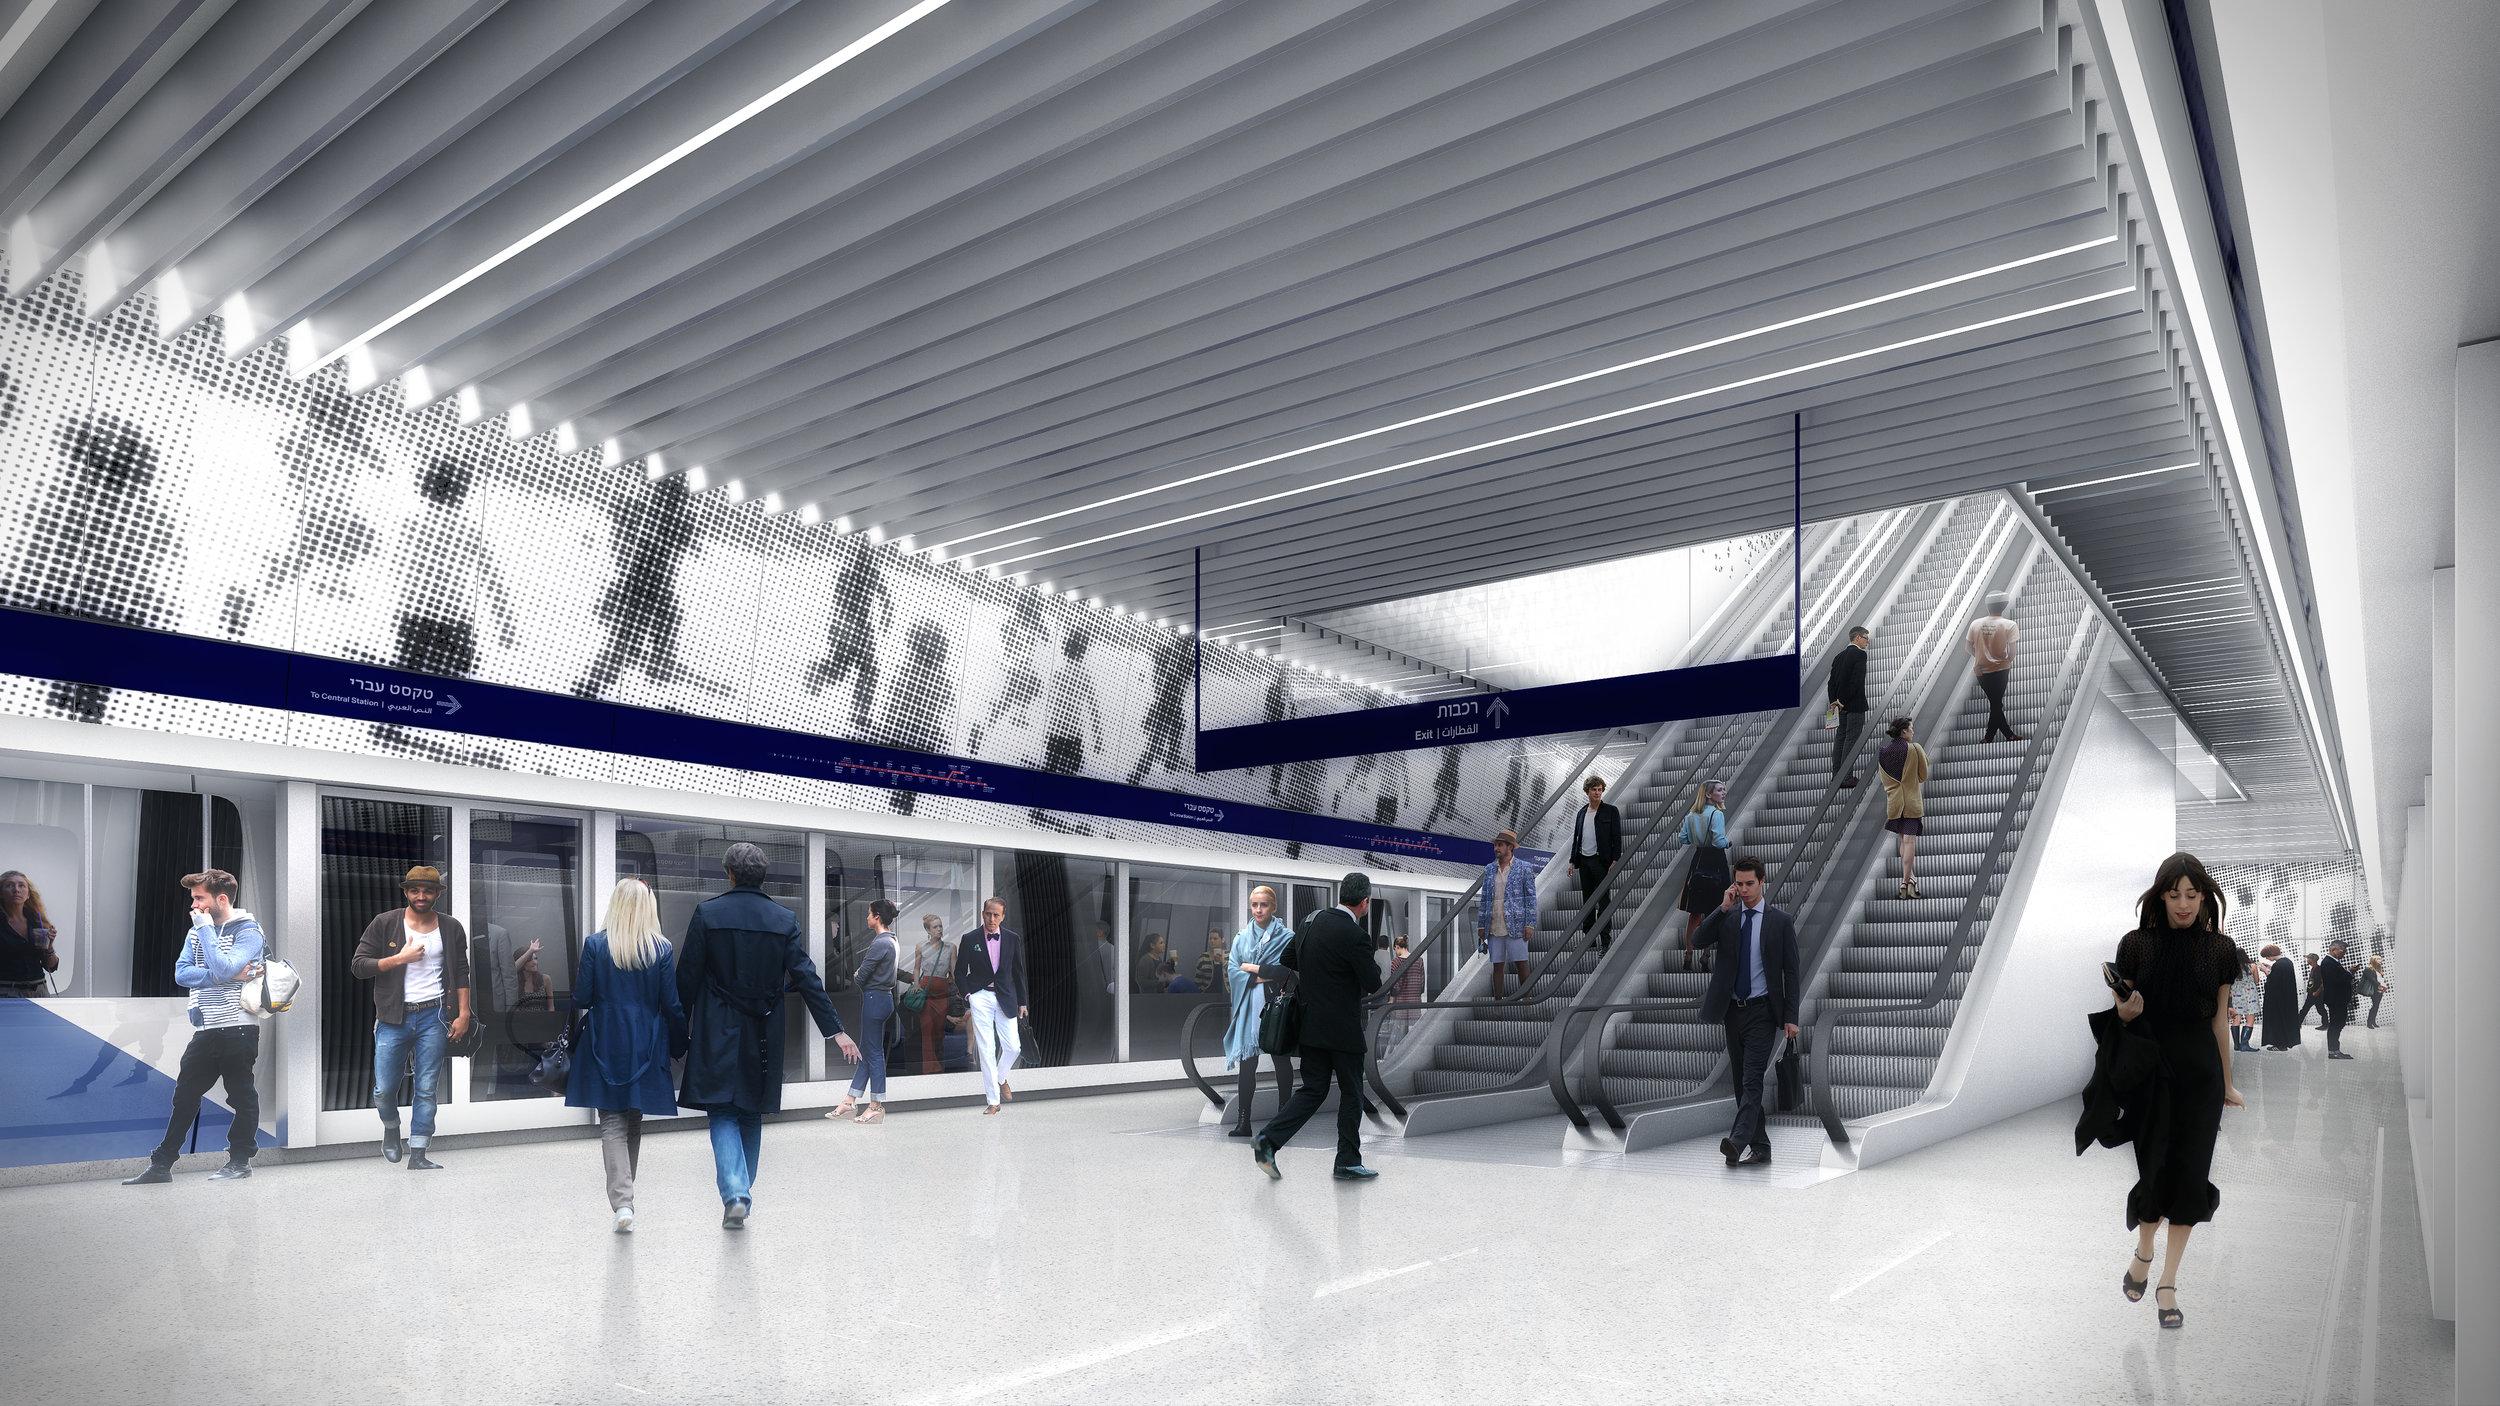 Arlozorov Underground Station